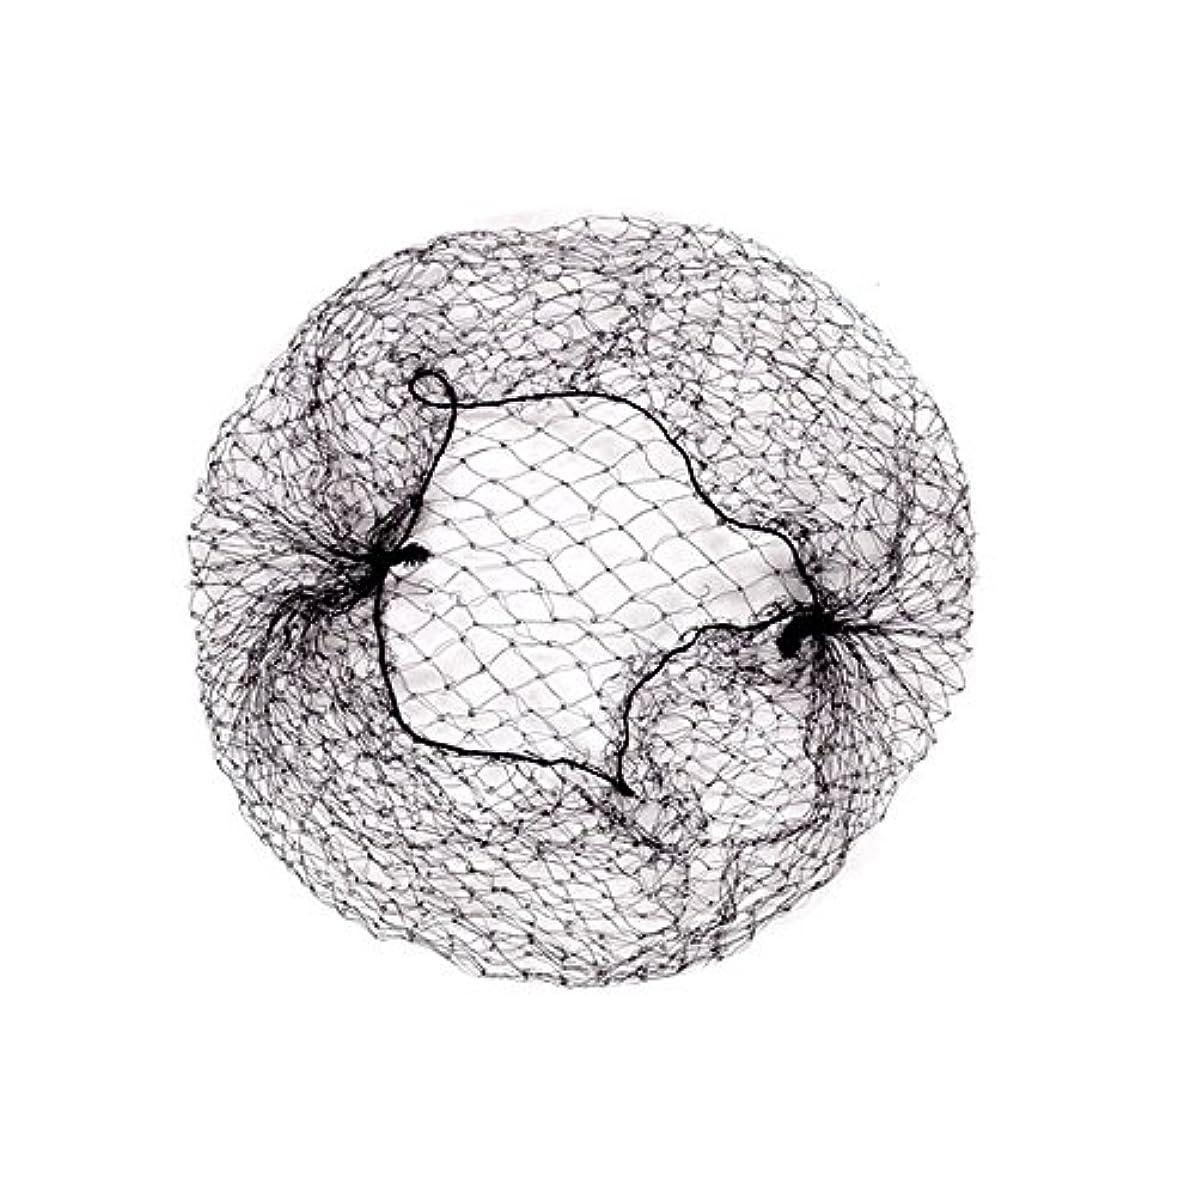 支出トリップいろいろ髪束ねネットセット(アシアナネット) ファッション小物 60枚セット